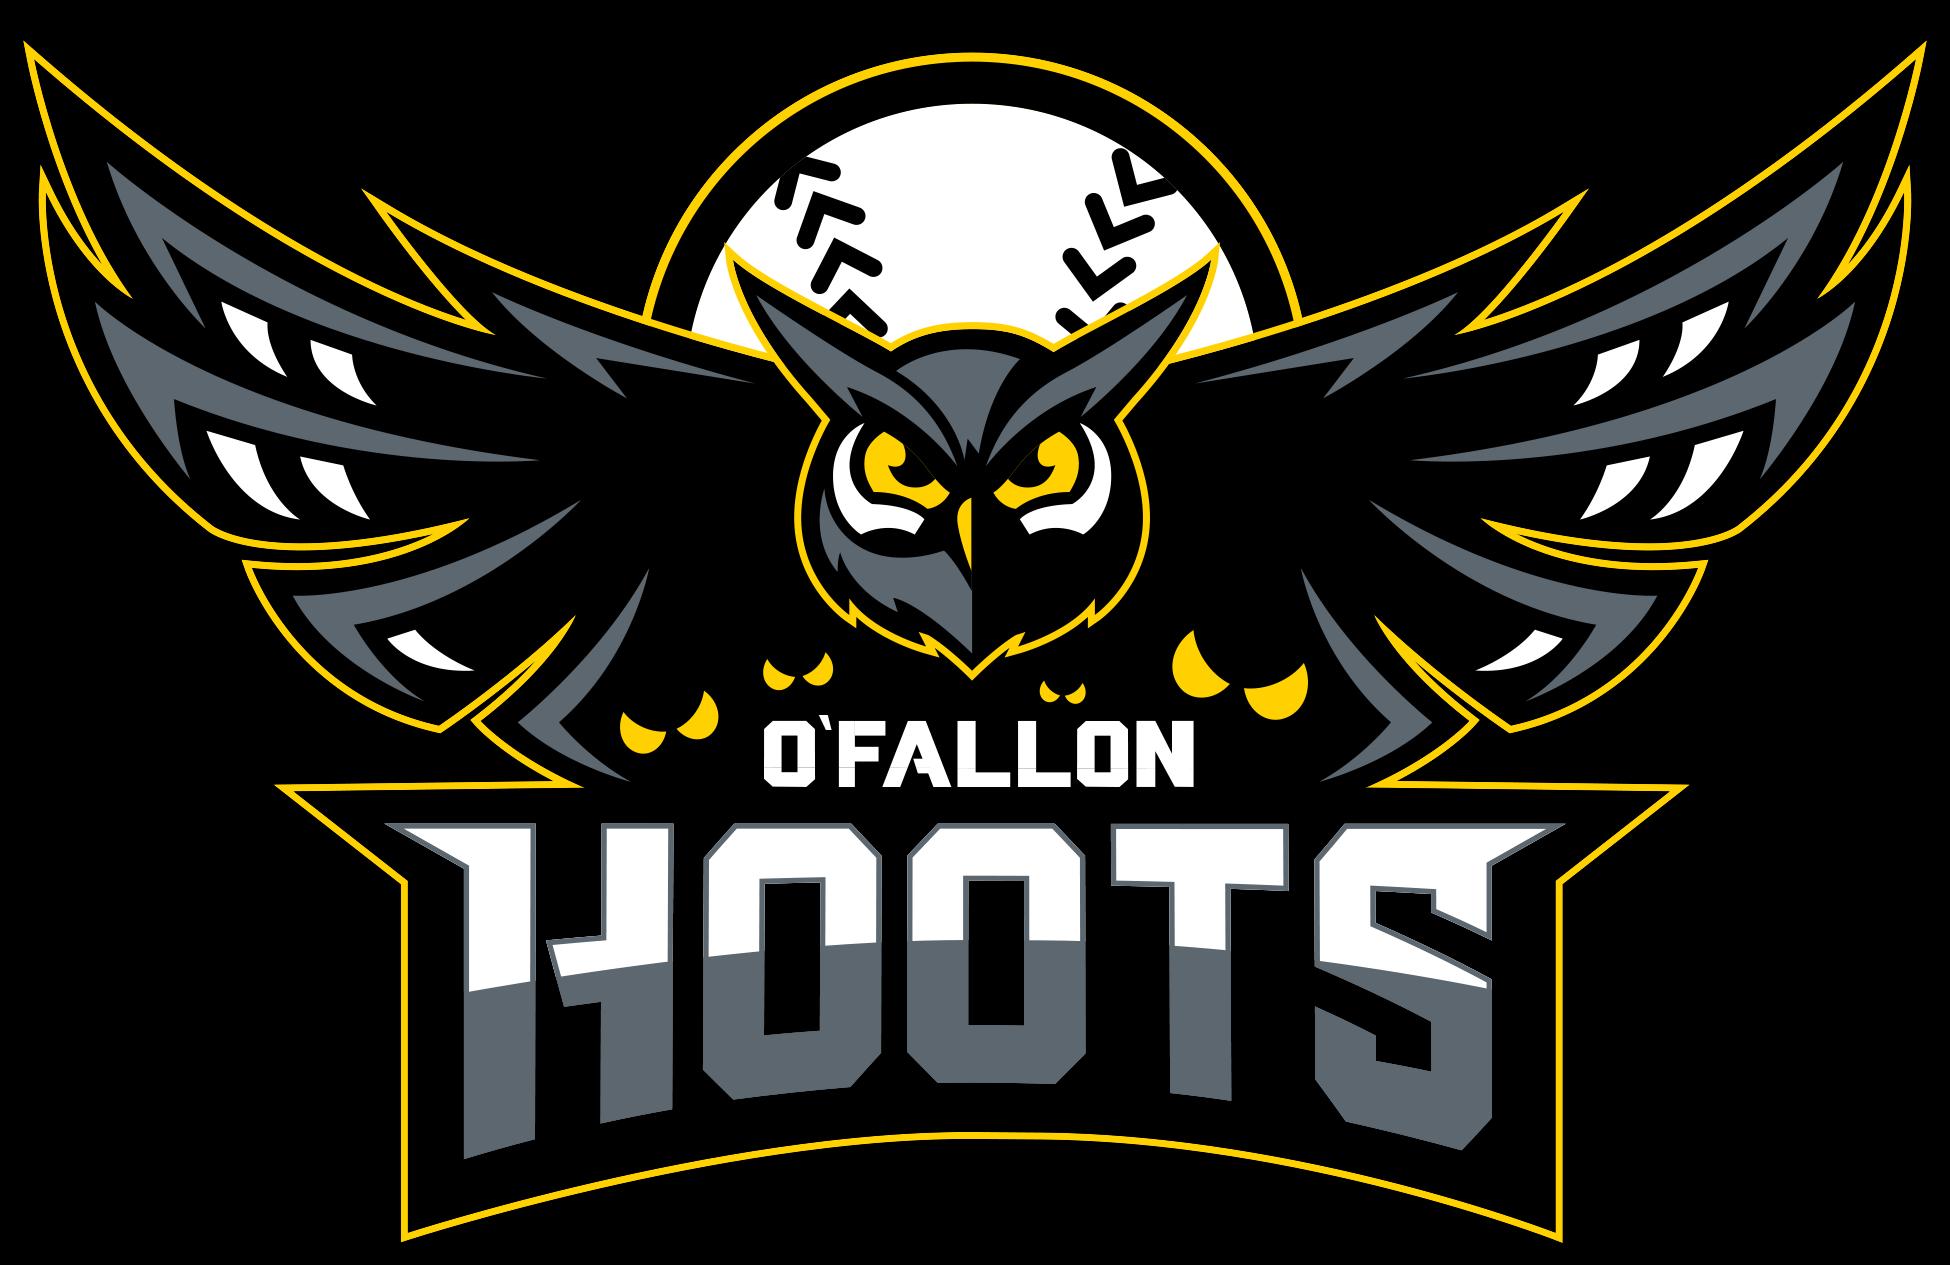 O'Fallon Hoots Prospect League Baseball